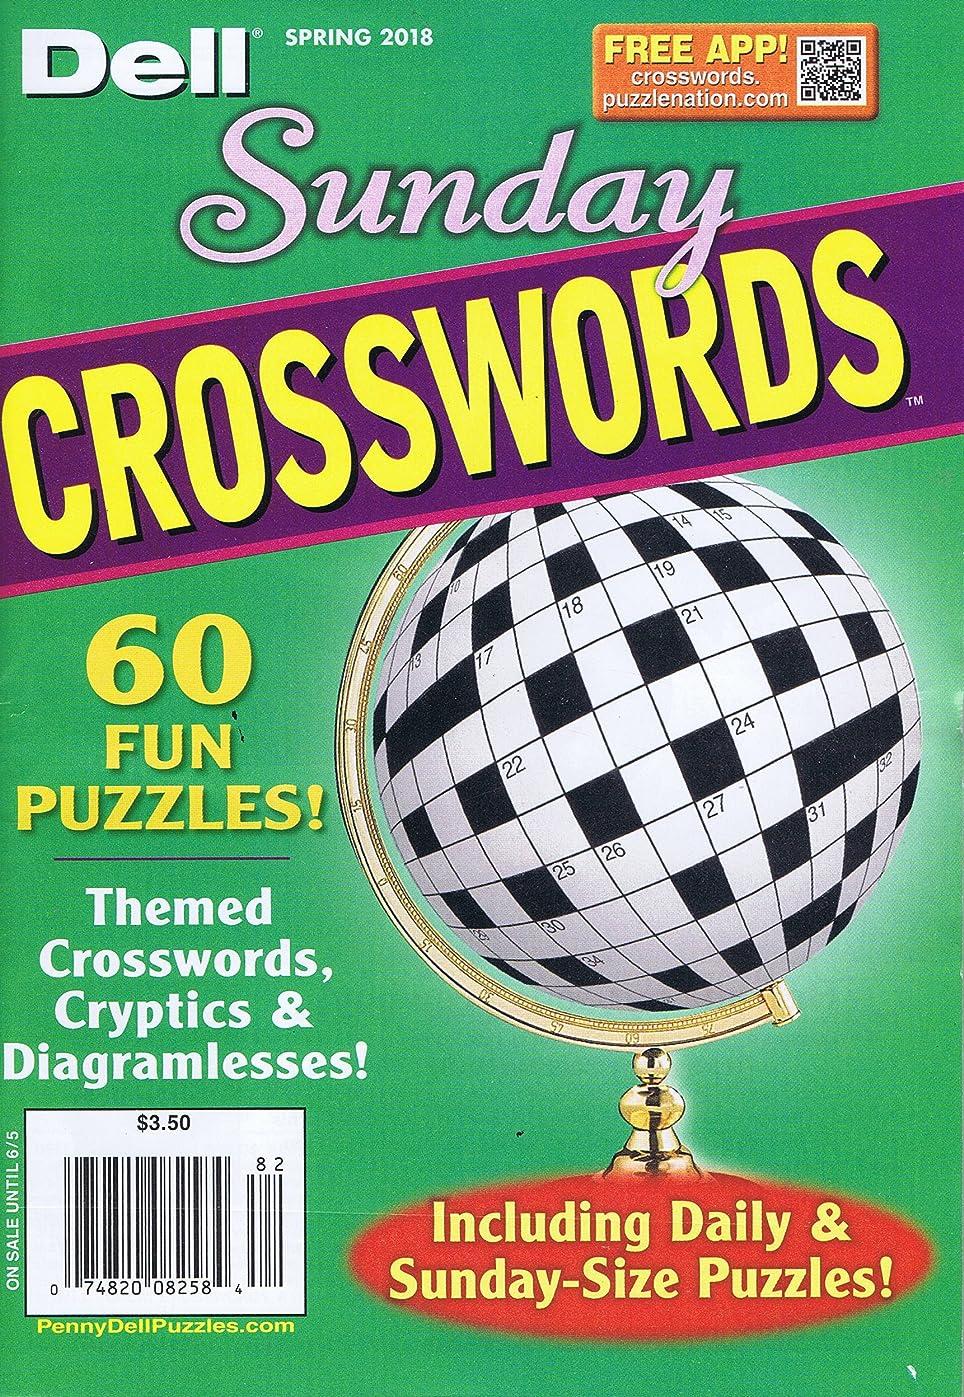 発生器一貫性のない強いDell Pocket Crossword Puzzle [US] Spring No. 82 2018 (単号)